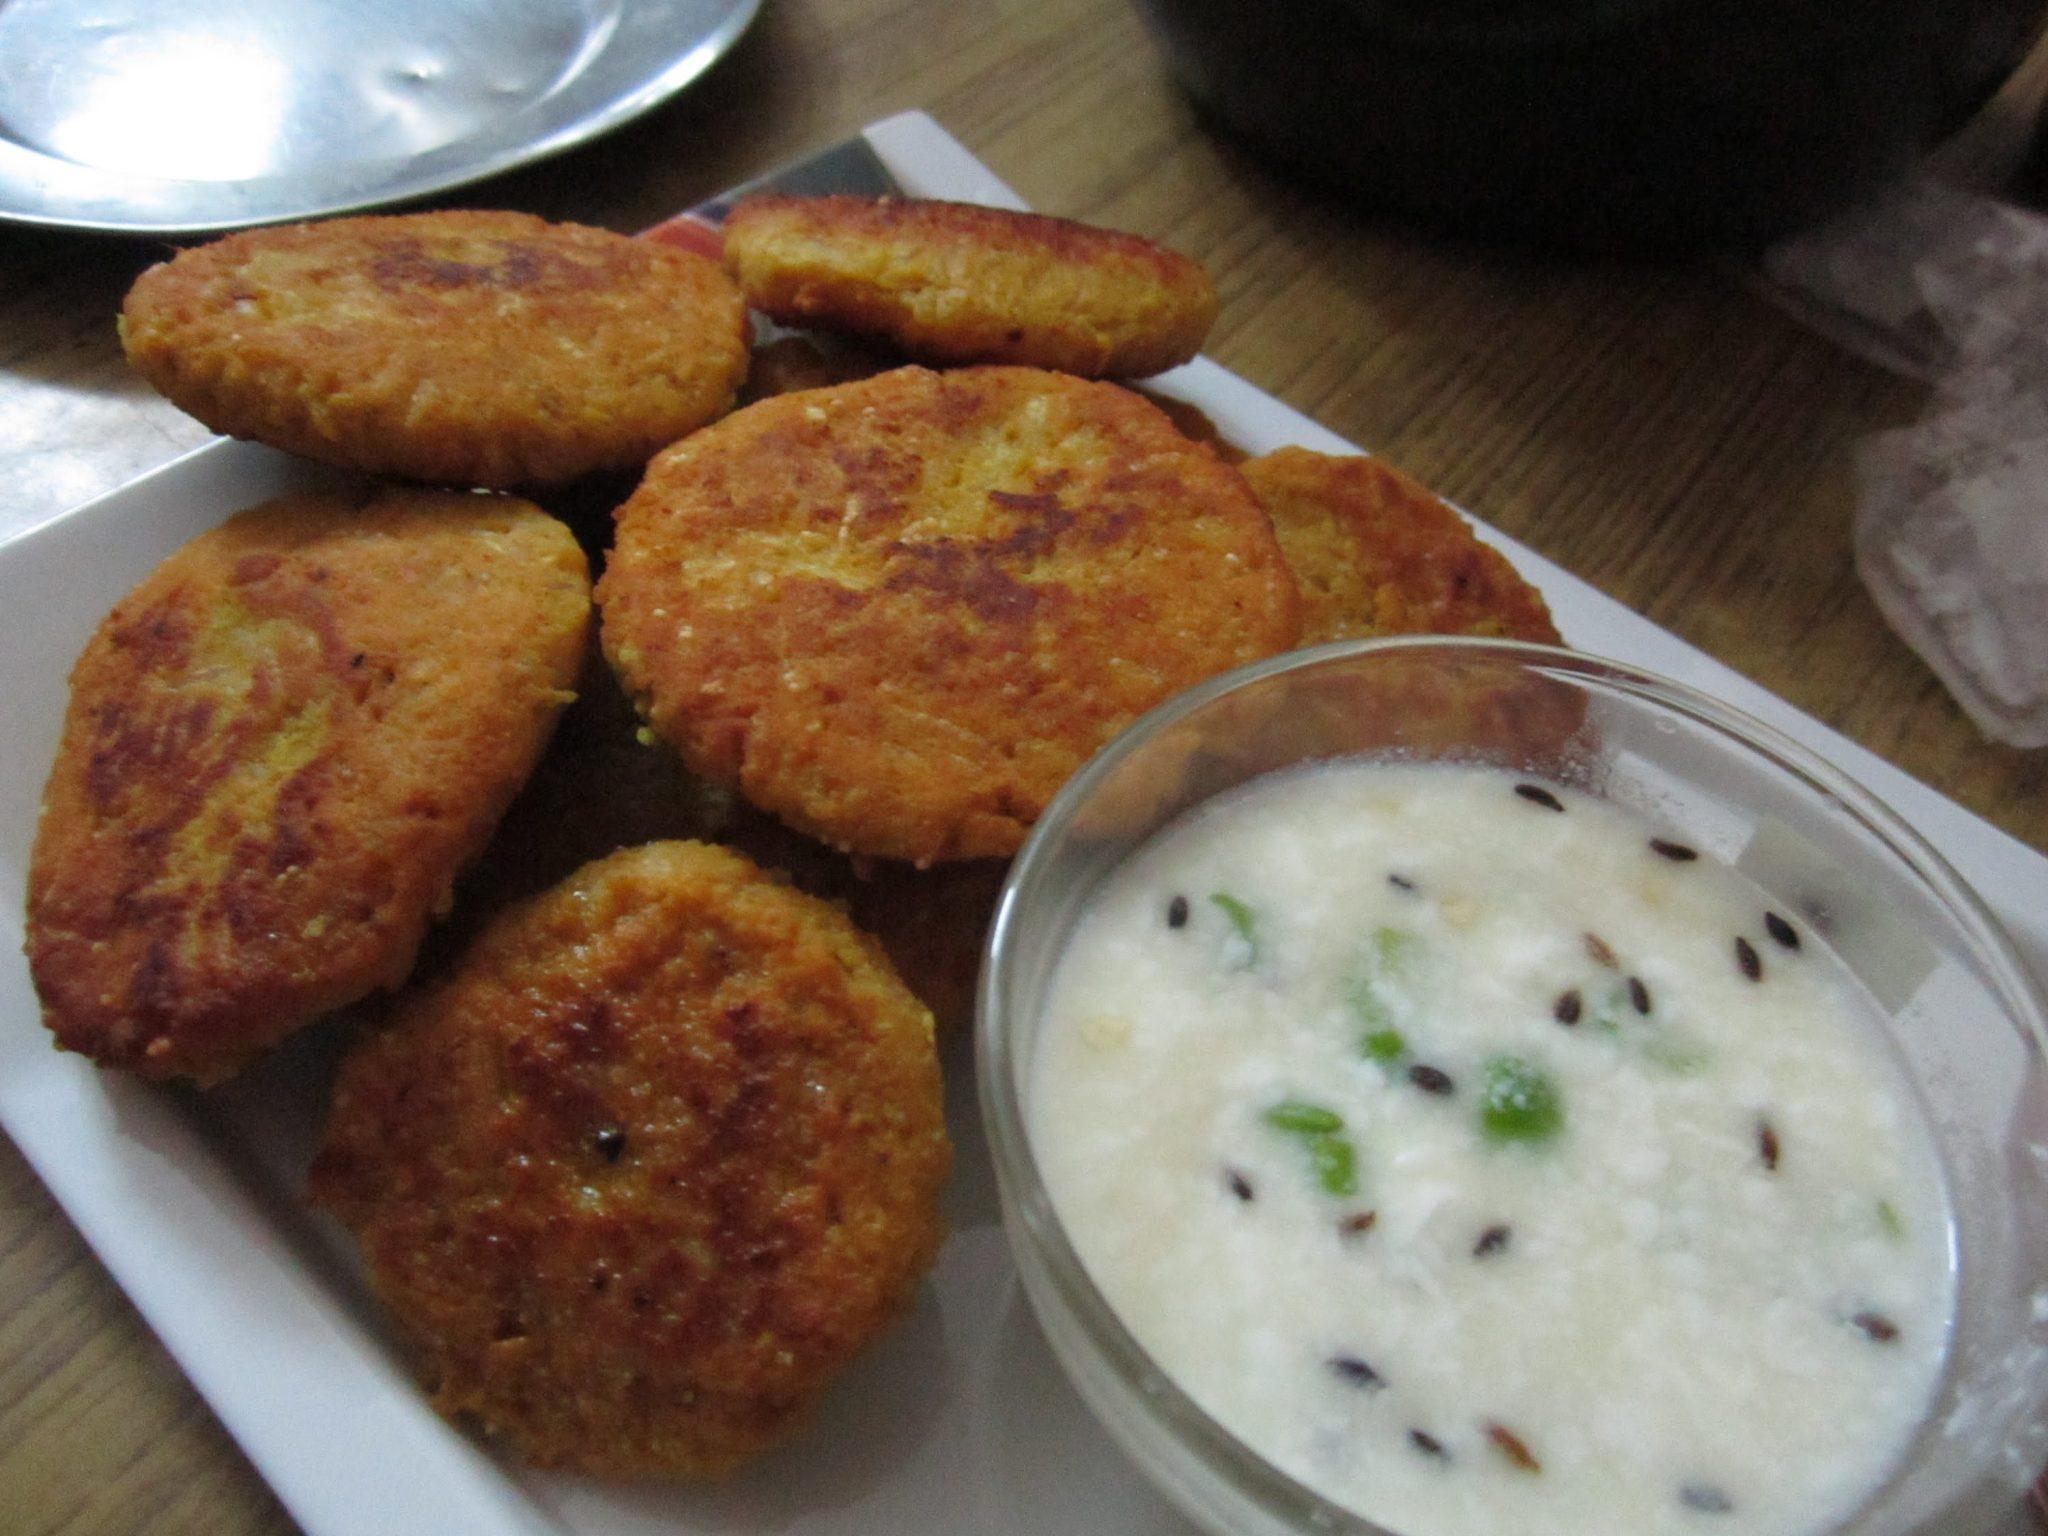 पके हुए चावल और पनीर से बनाएं लज़ीज़ टिक्की – chawal ki tikki recipe in hindi